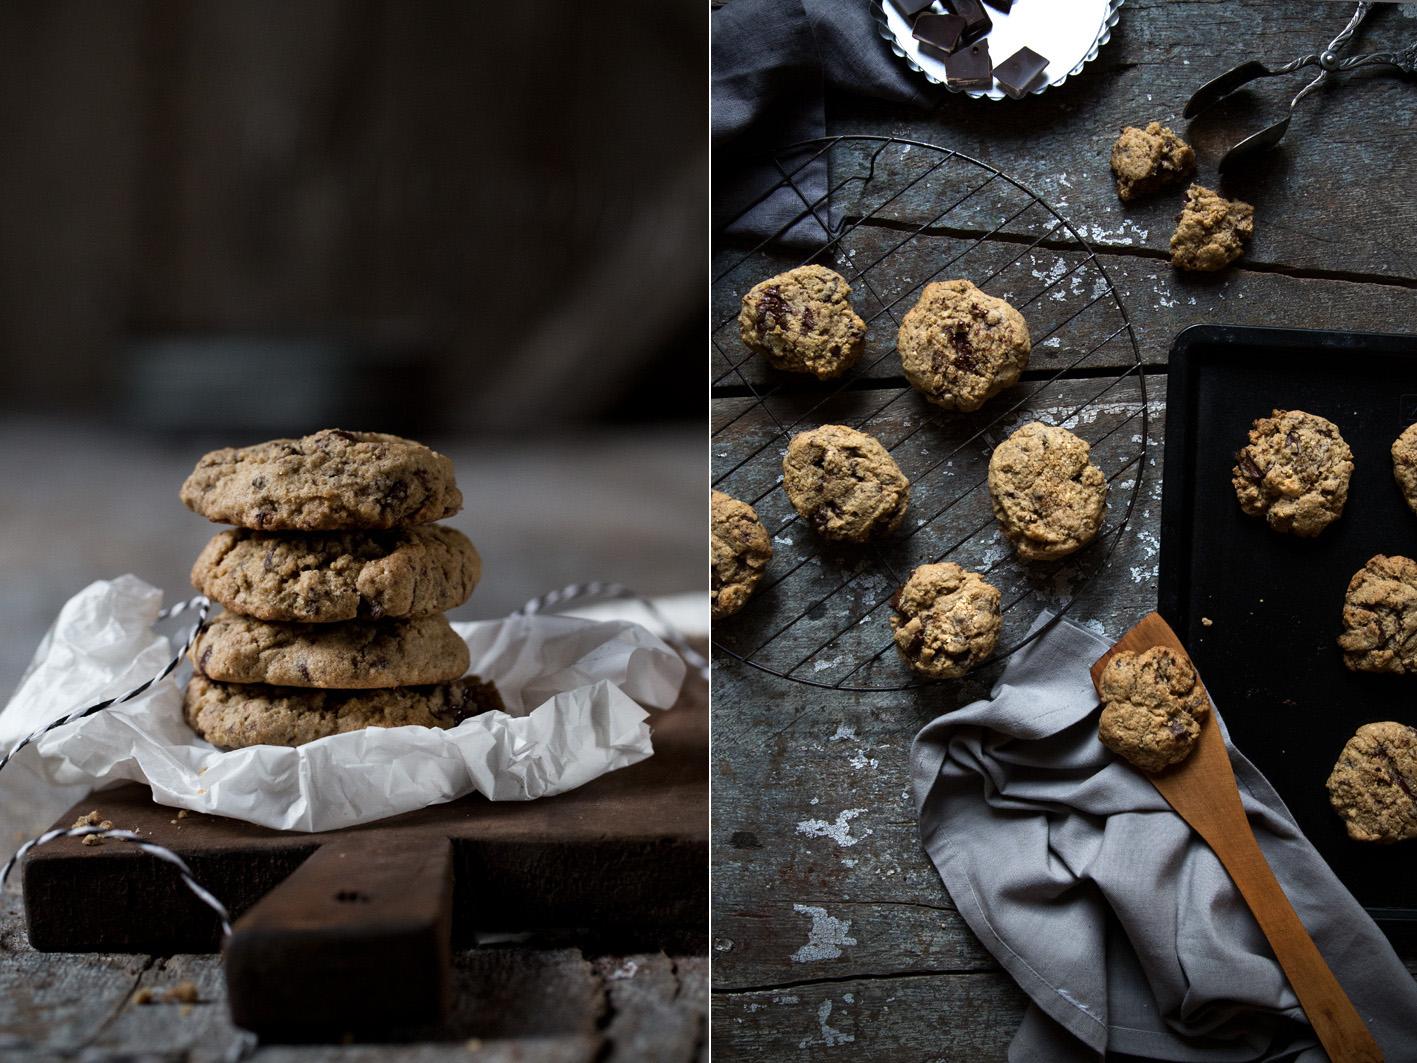 die besten chocolate chip cookies